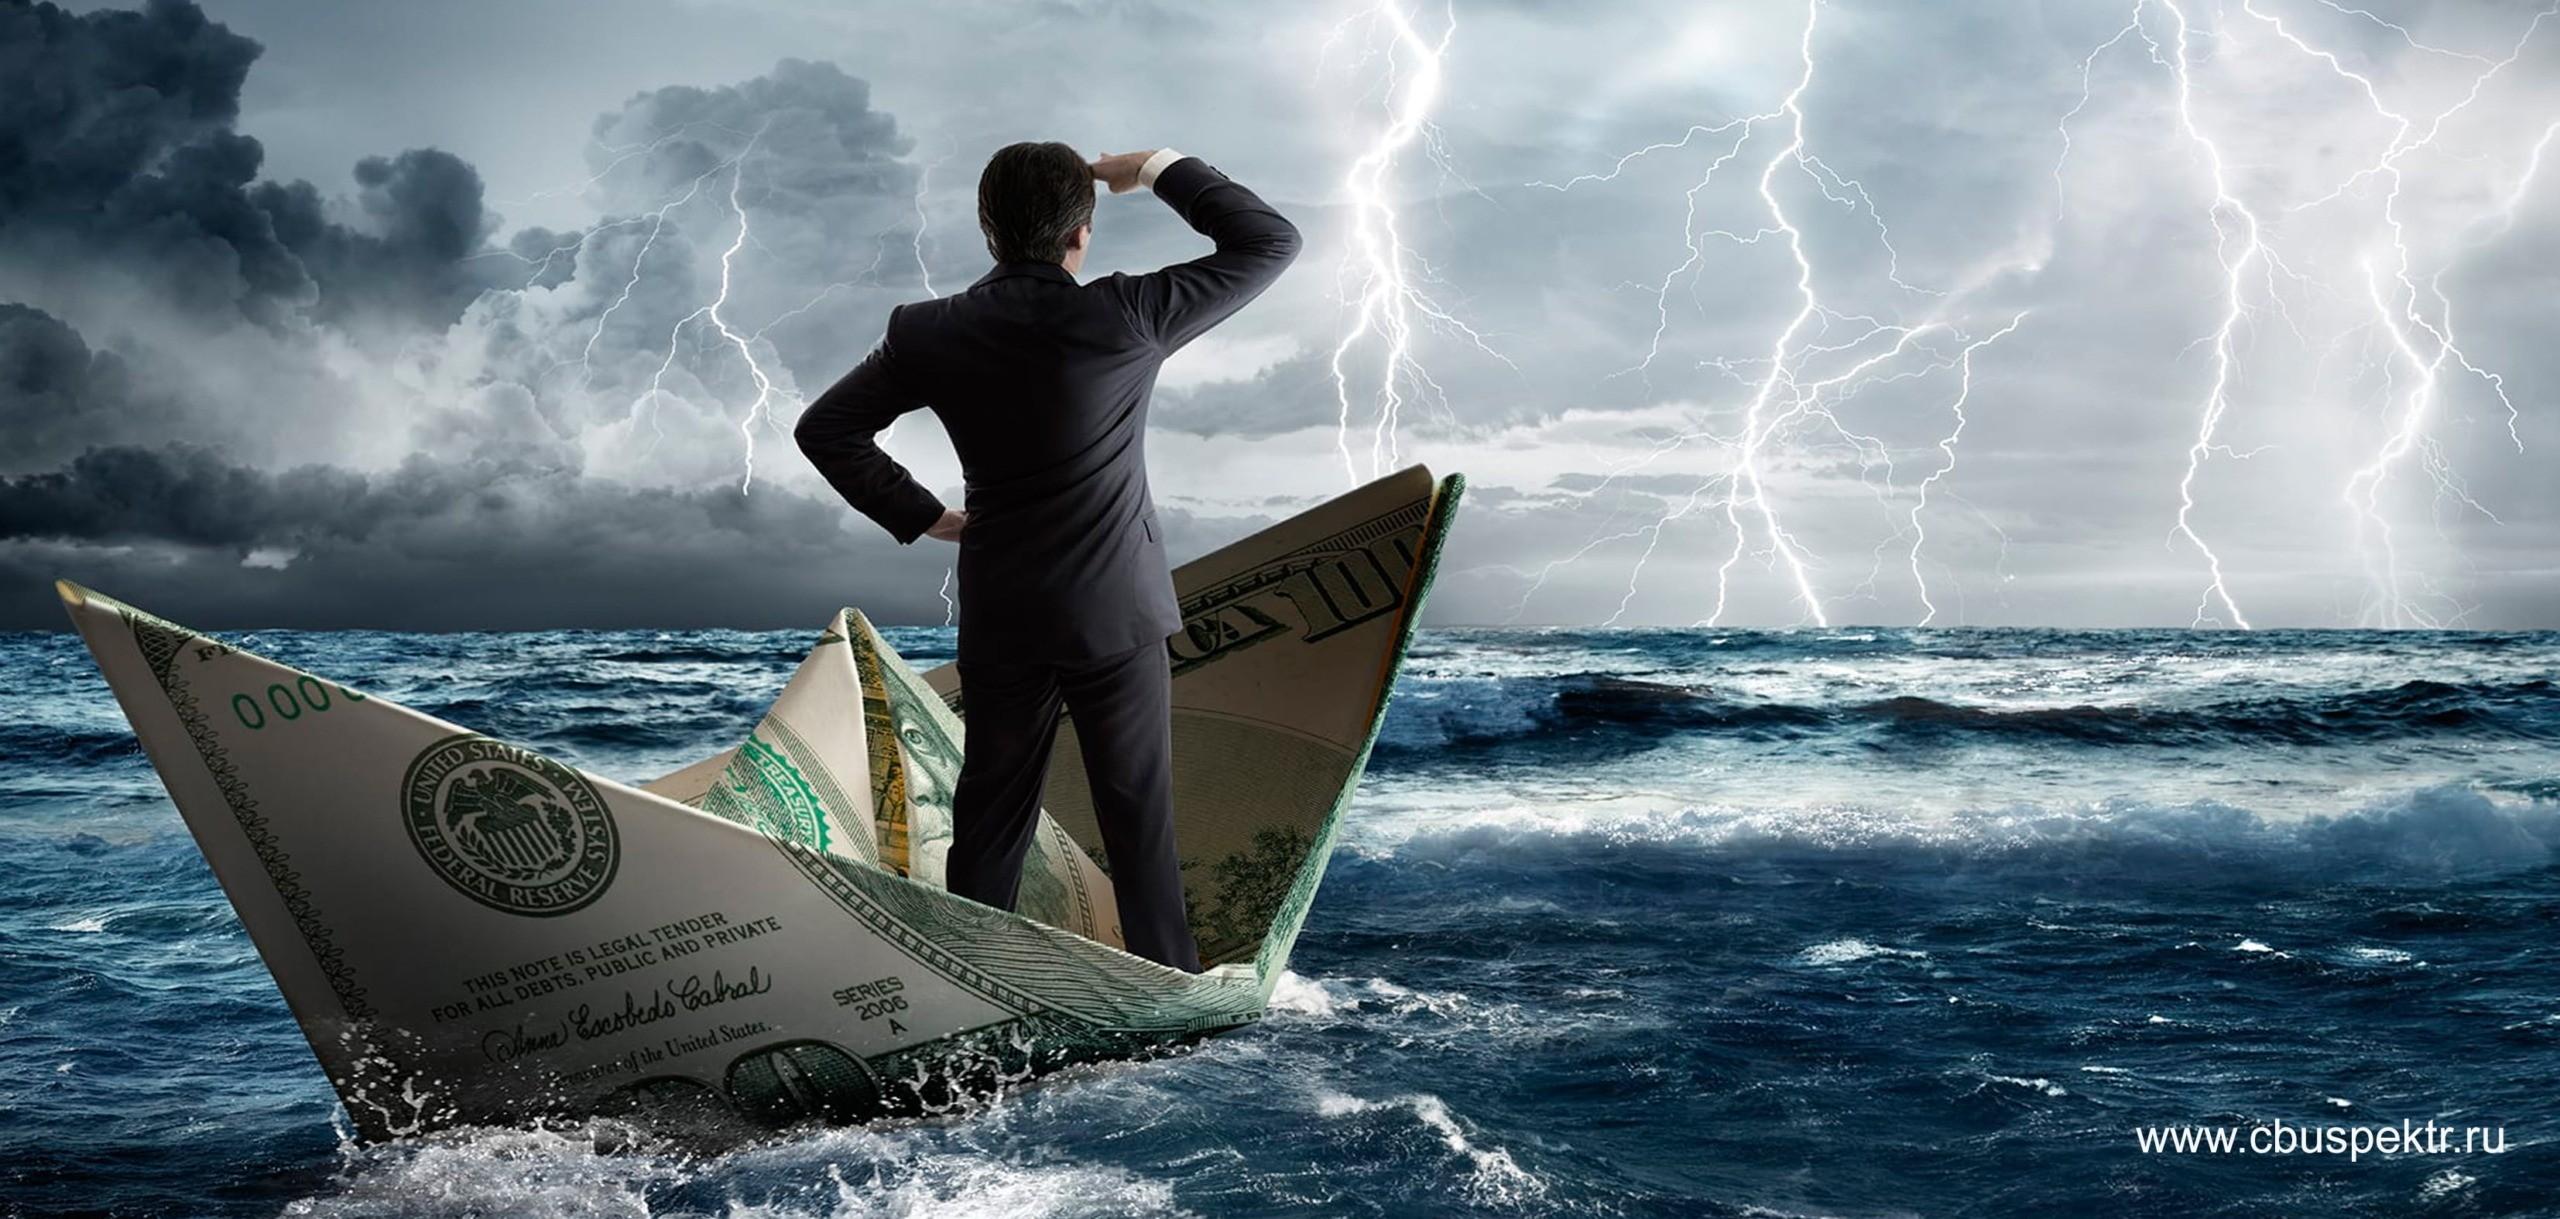 Предприниматель на бумажном кораблике в бушующем море